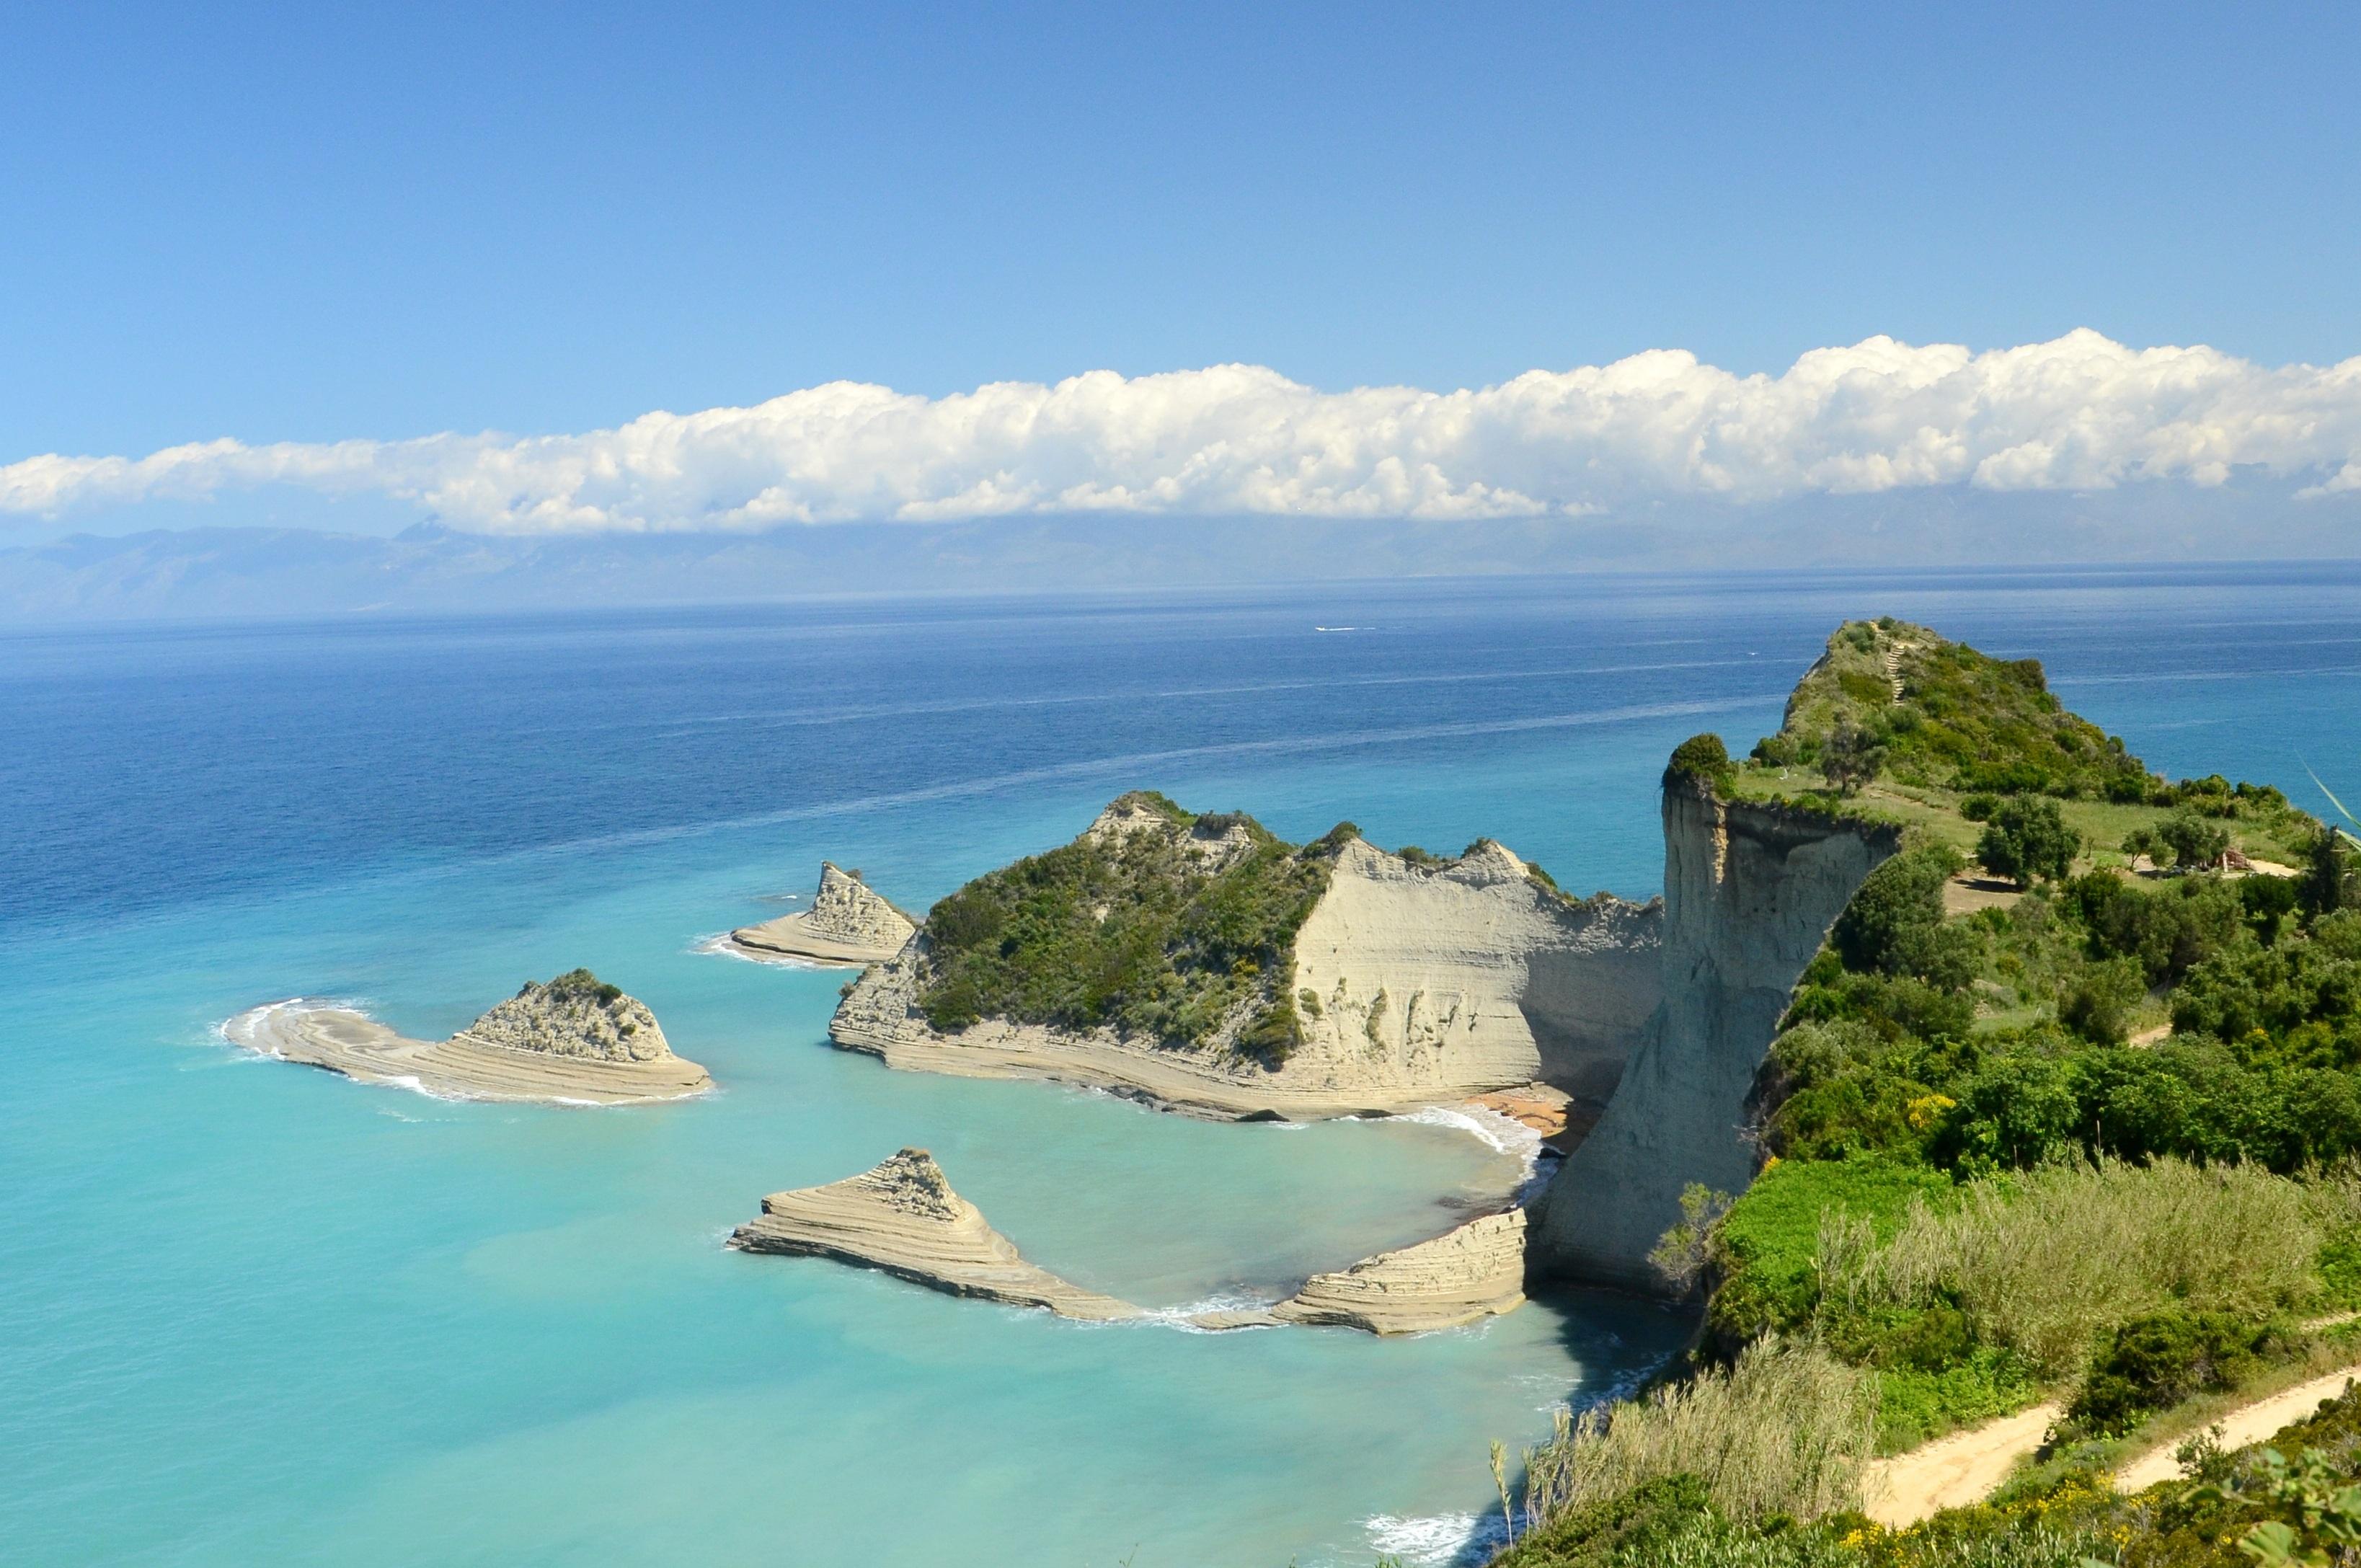 naturaleza oceano horizonte apuntalar ver vacaciones acantilado ensenada baha isla terreno rocas promontorio grecia archipilago caribe